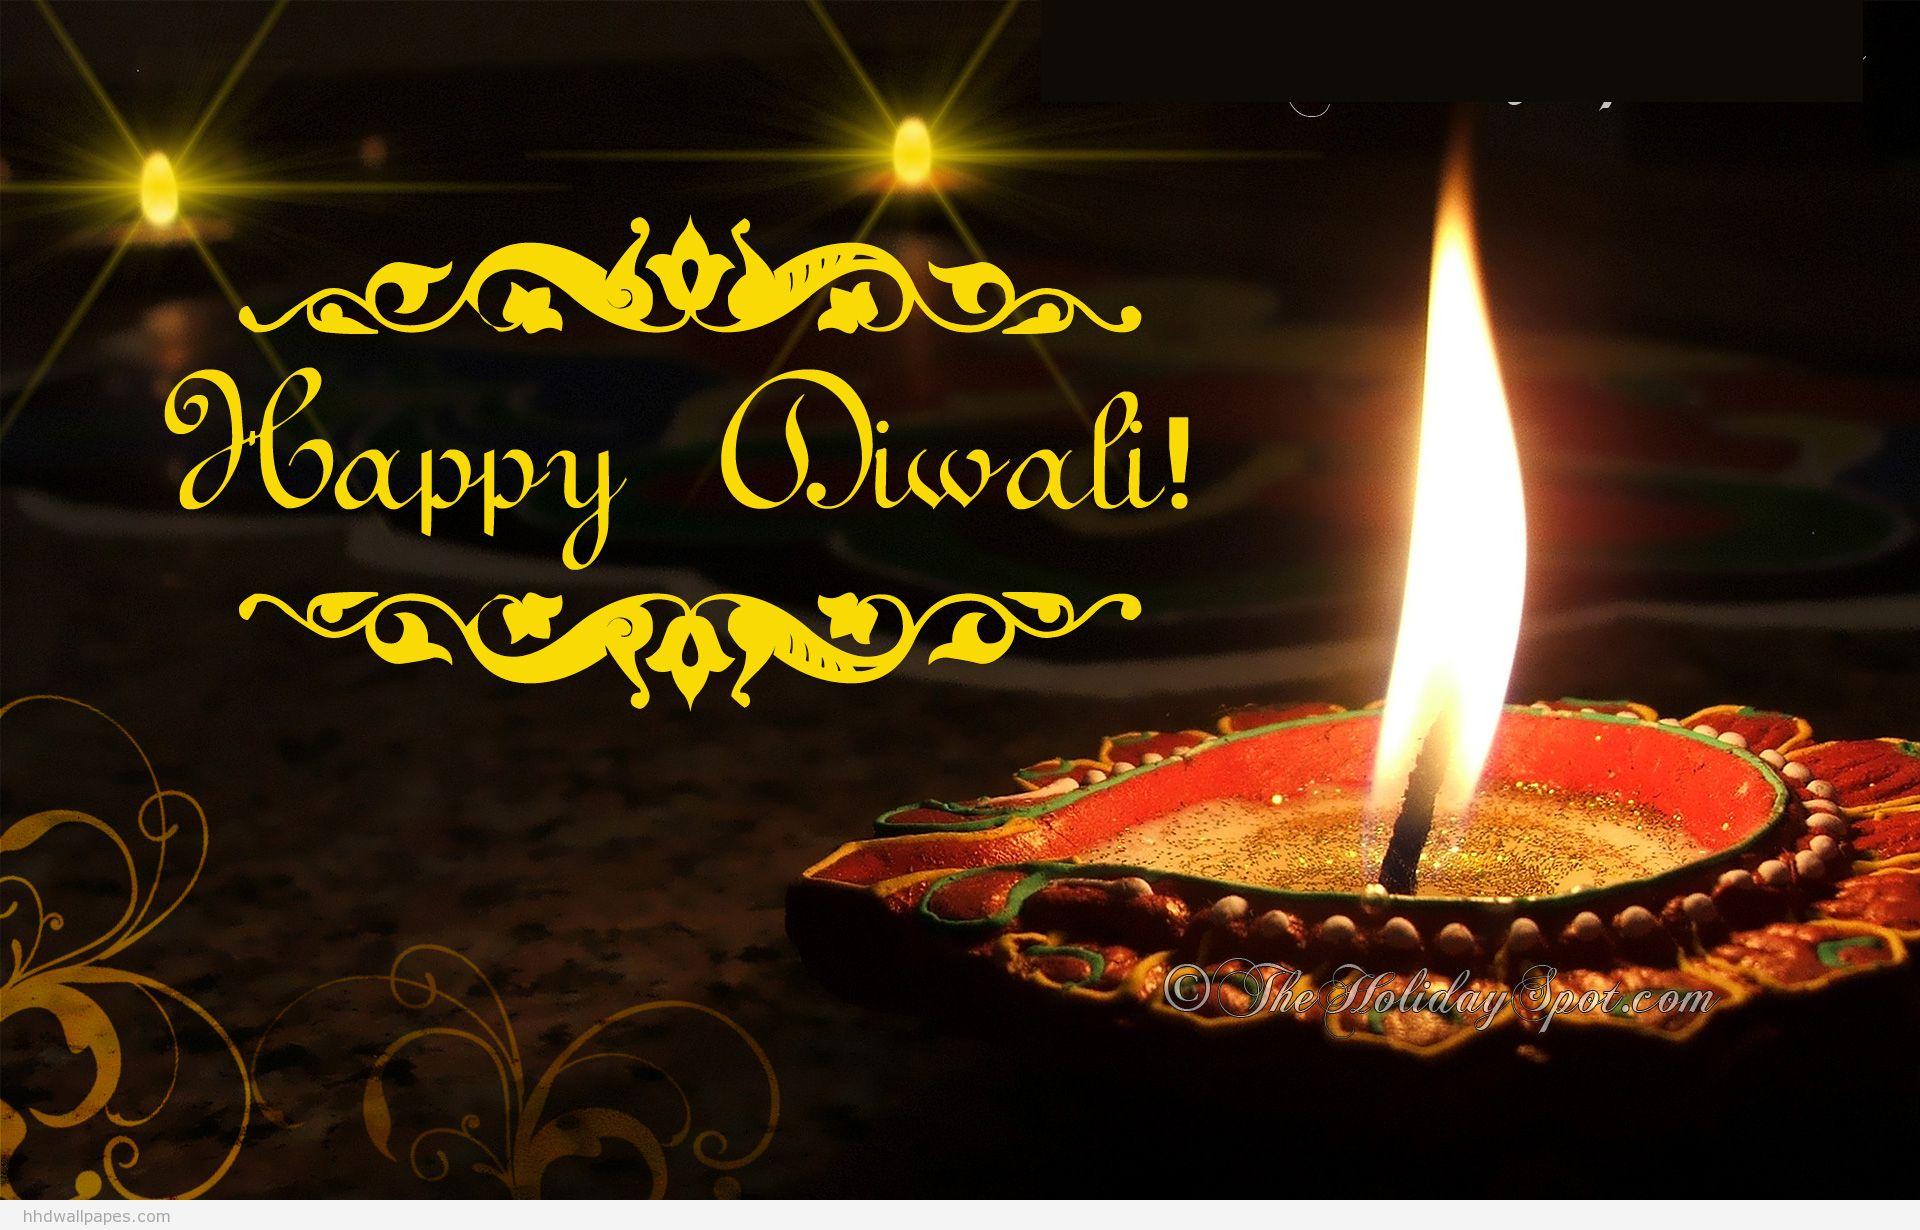 Diwali Wallpaper 2018 Download Free & Latest Hd Diwali